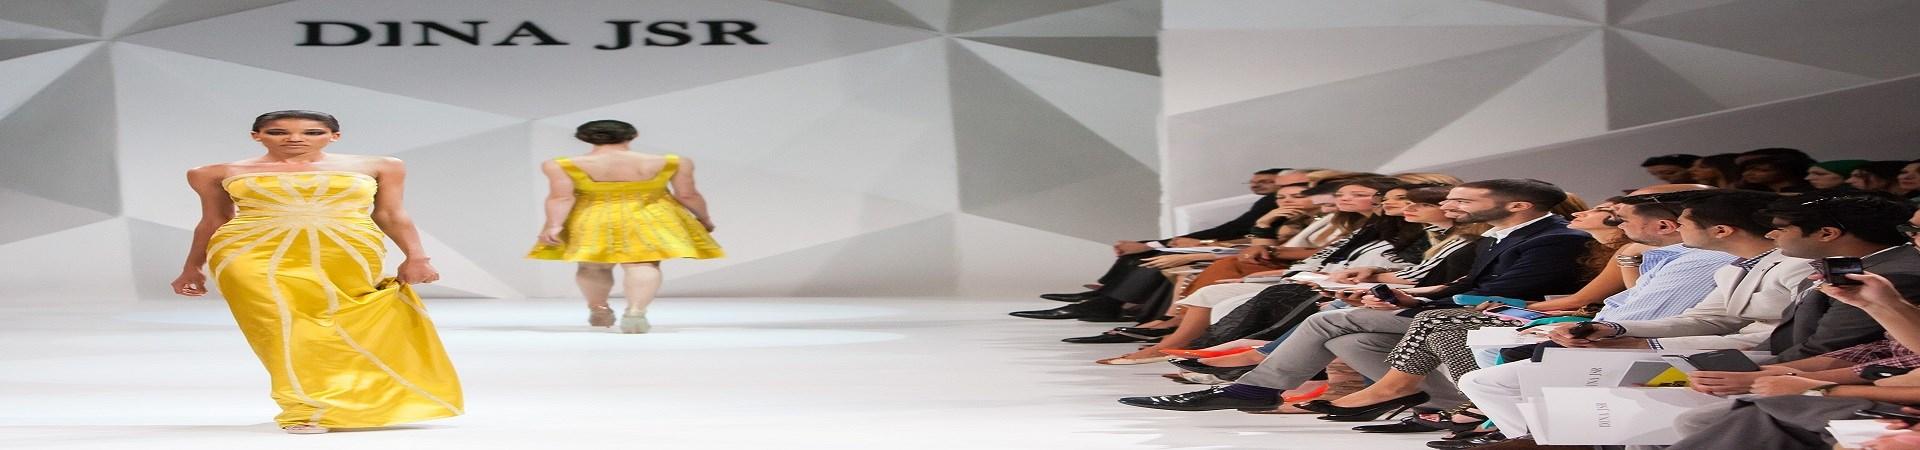 שבוע האופנה גינדי תל אביב